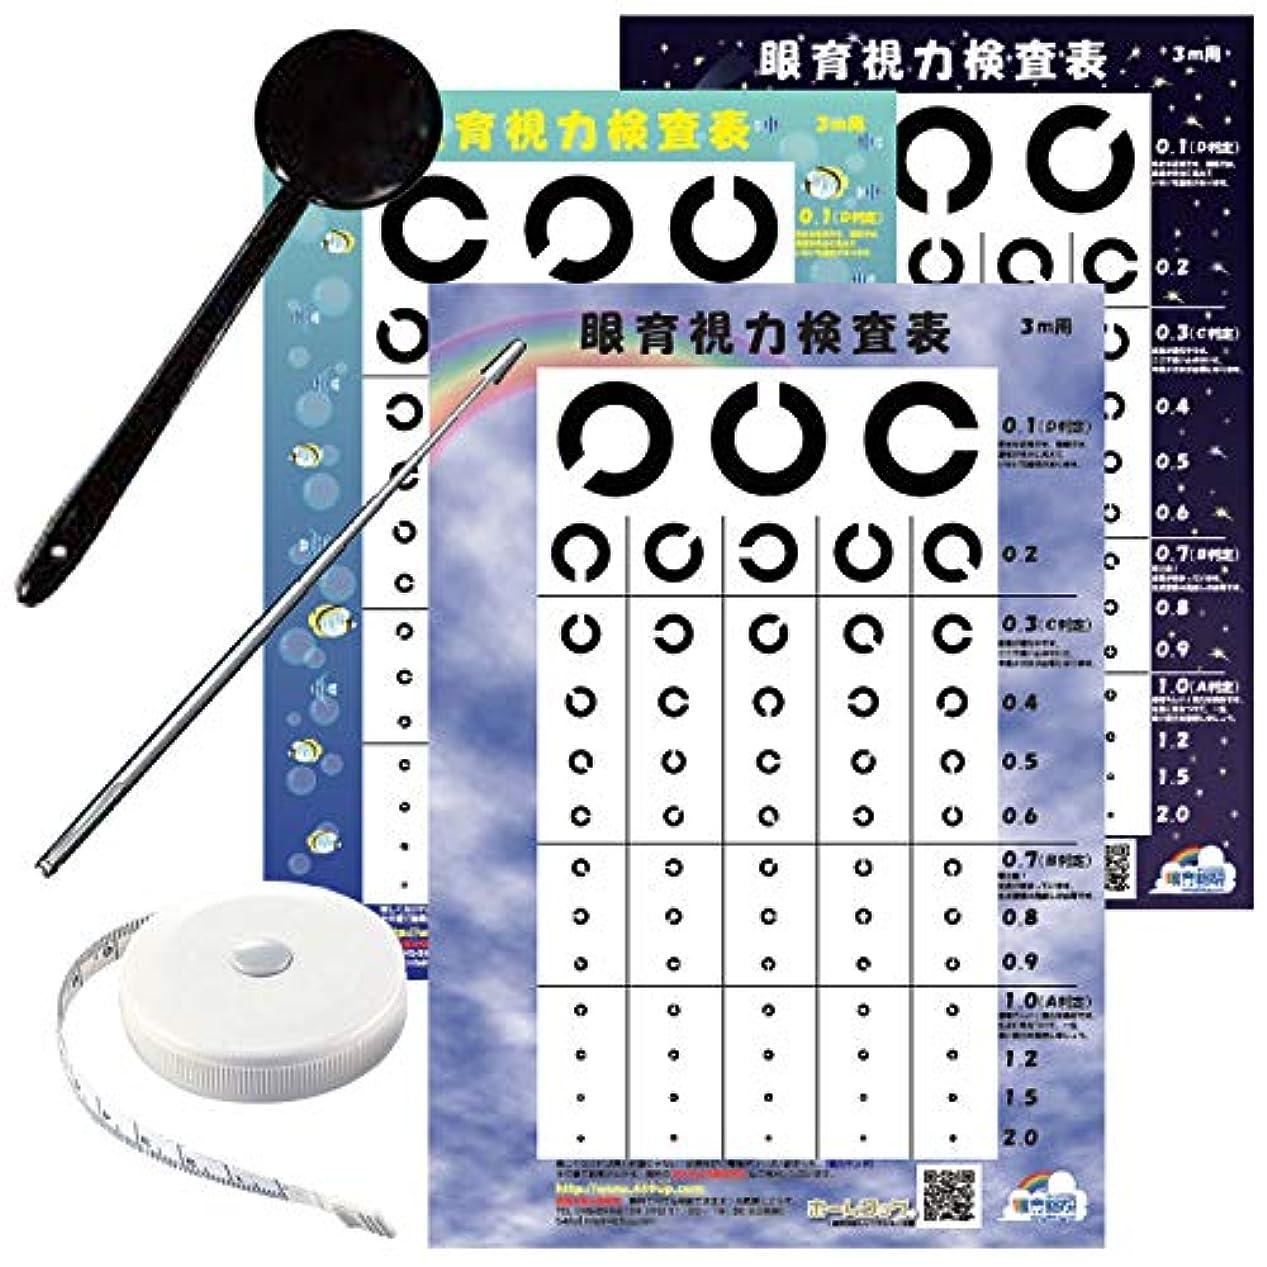 漫画シネウィ多様性視力検査キット 3メートル用 視力表3枚付き